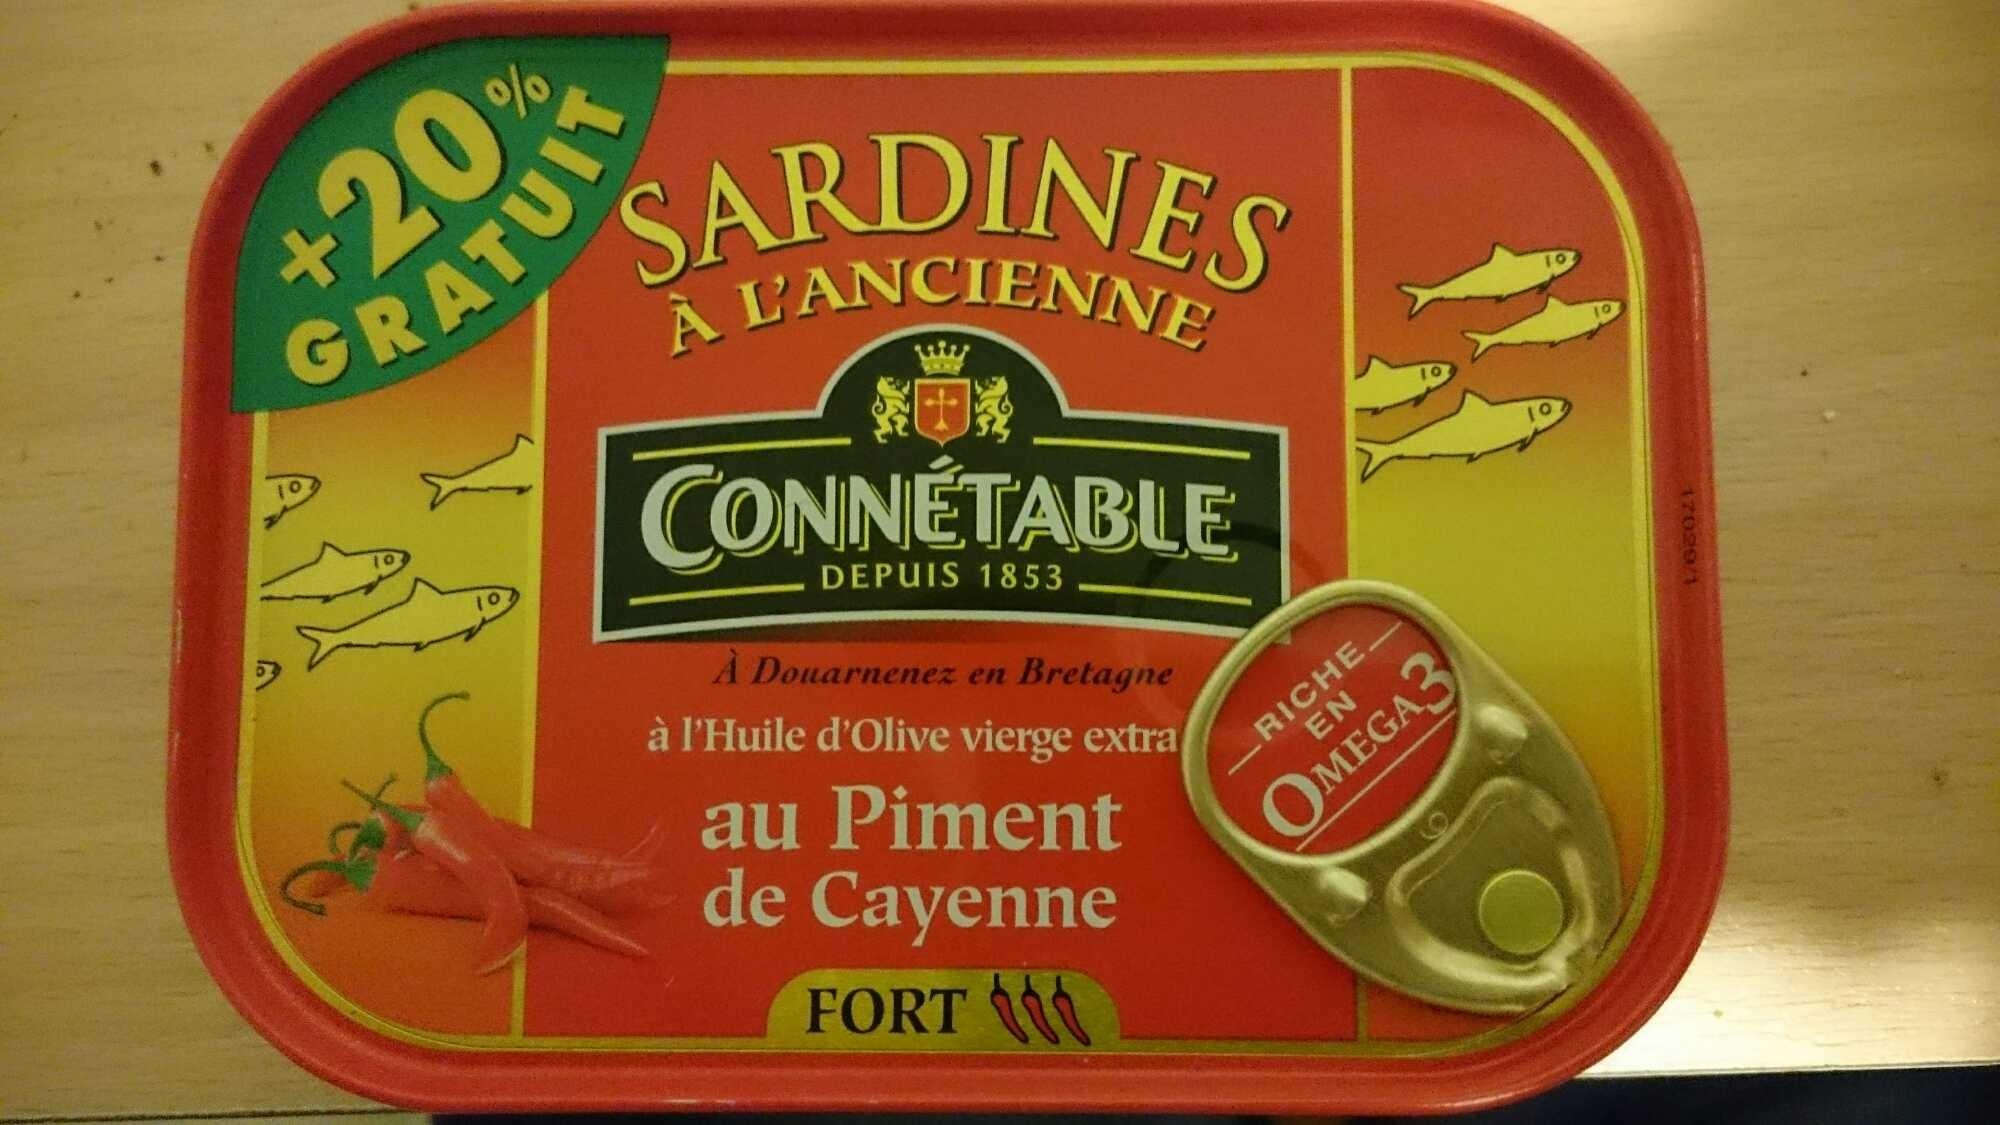 Sardines à l'ancienne au piment de Cayenne (+20% gratuit) - Produit - fr